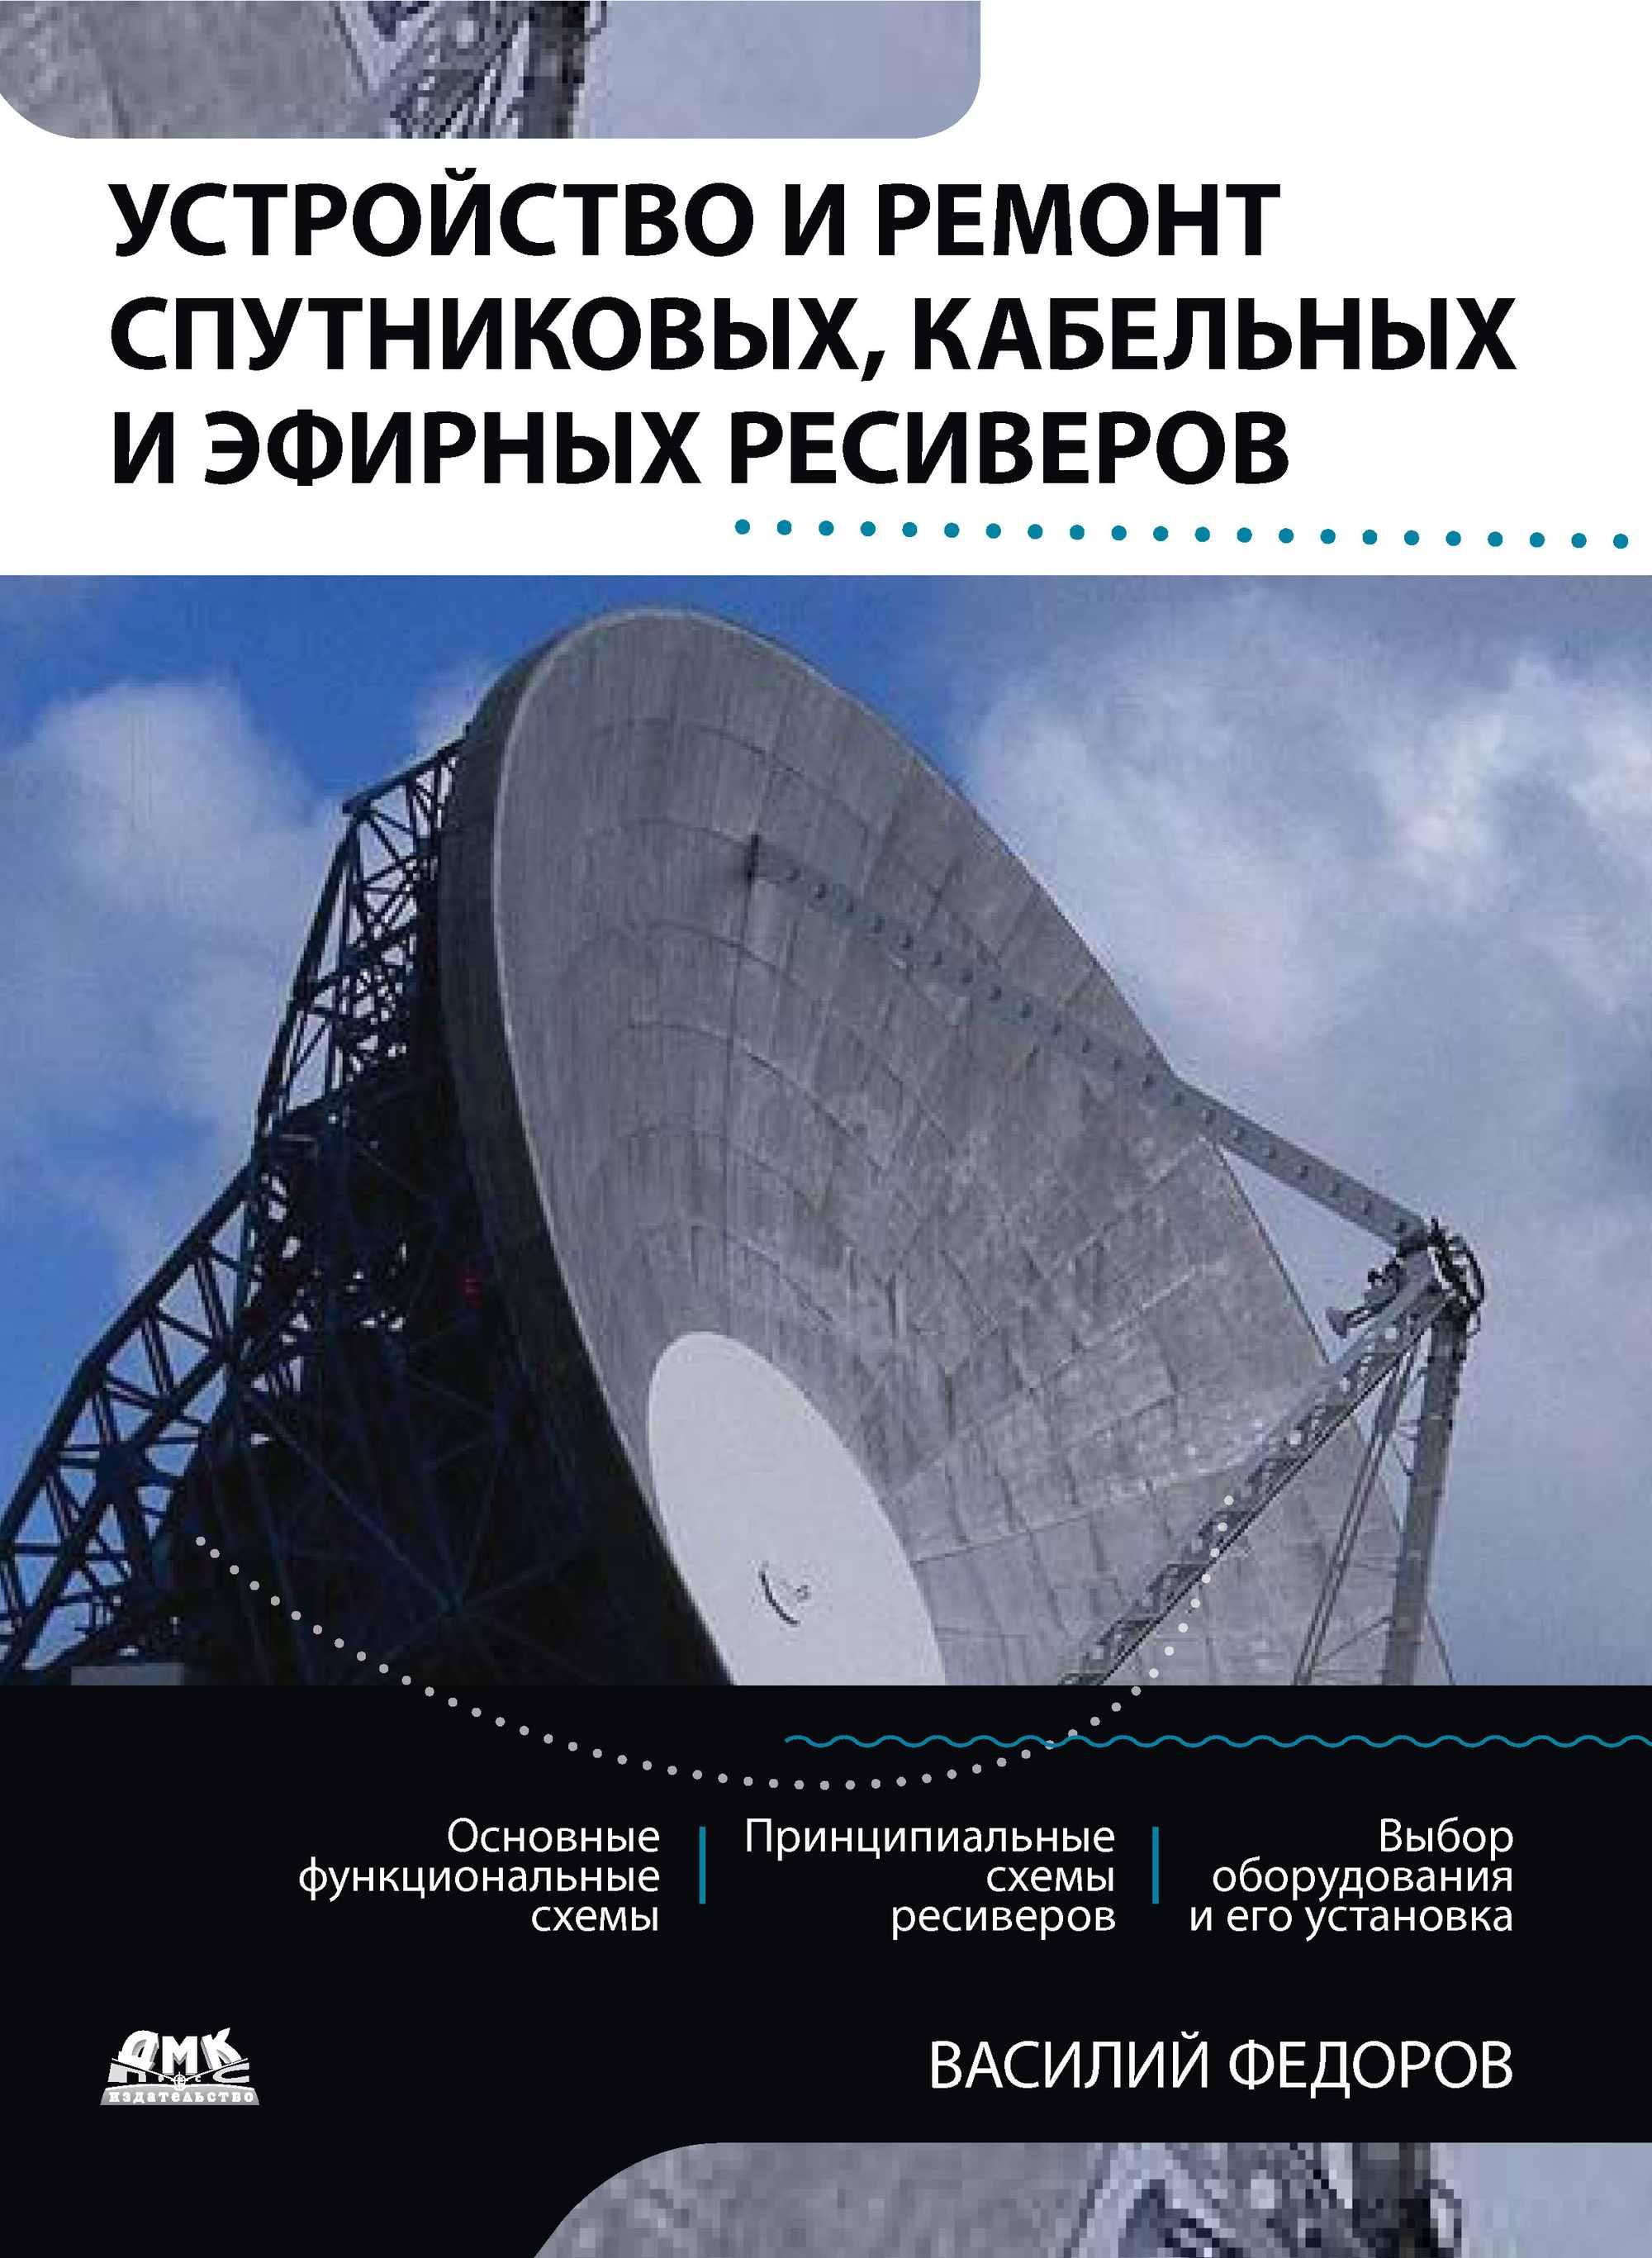 Василий Федоров Устройство и ремонт спутниковых, кабельных и эфирных ресиверов